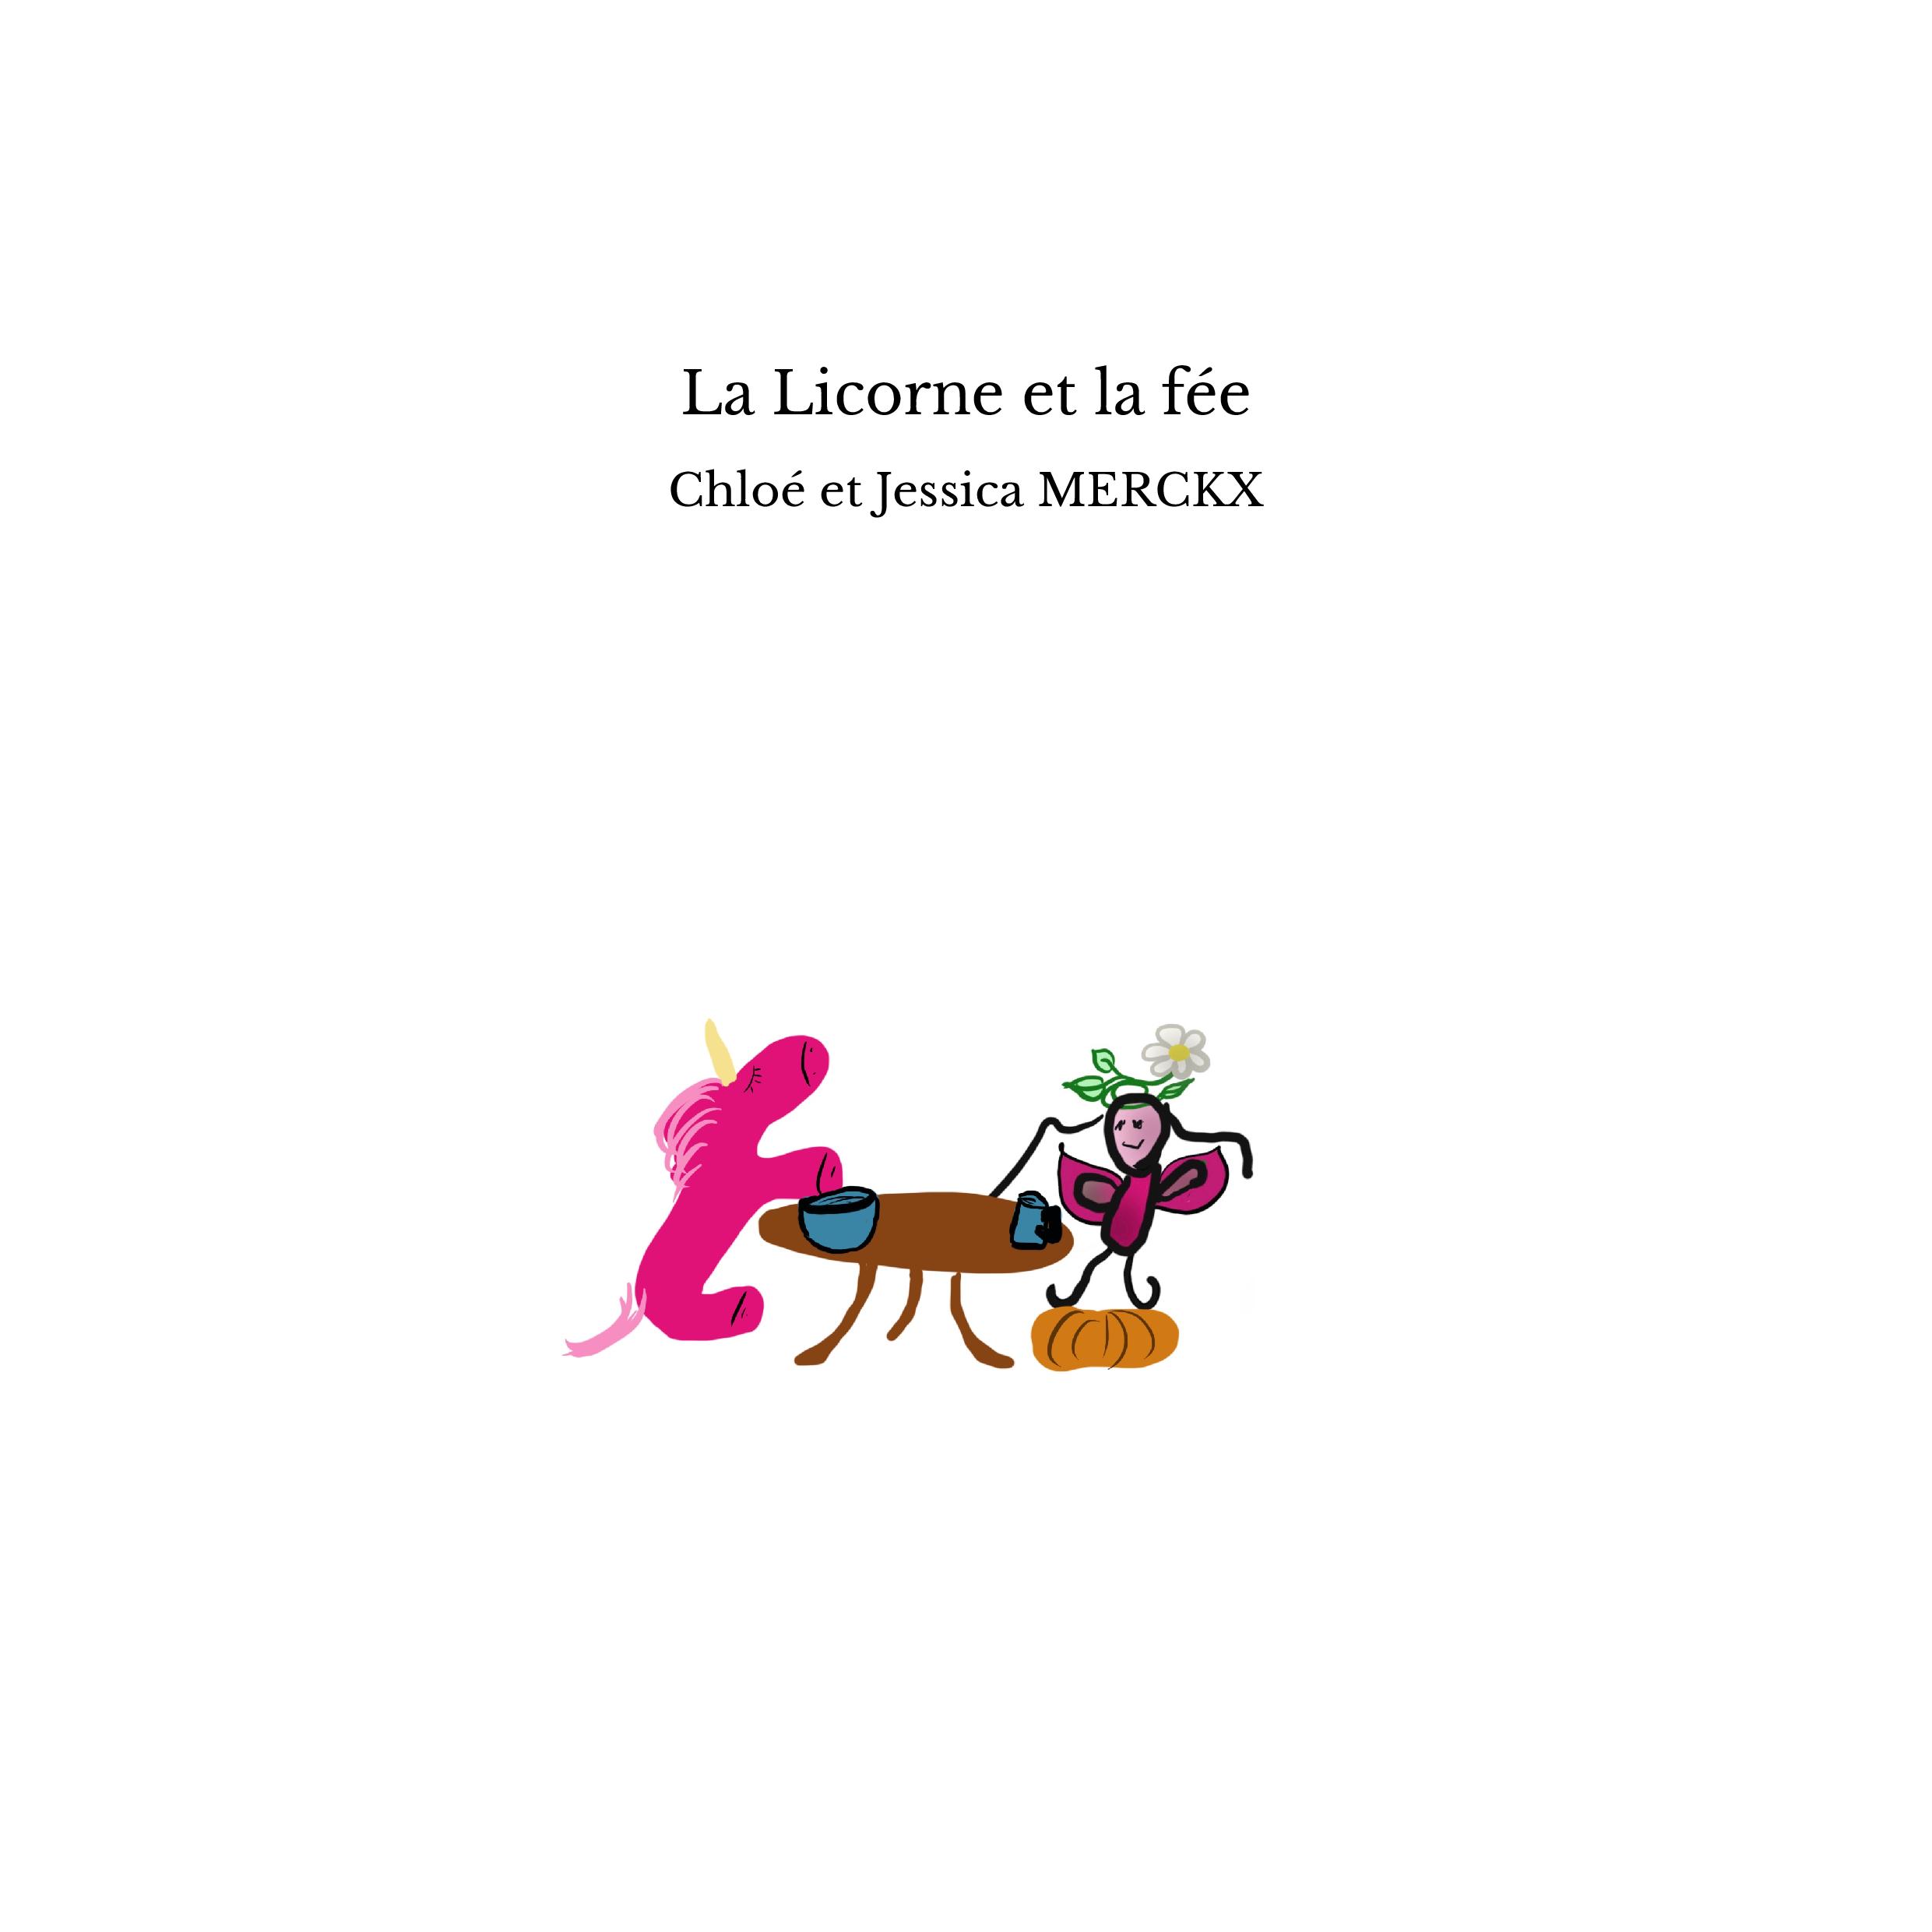 La Licorne et la fée